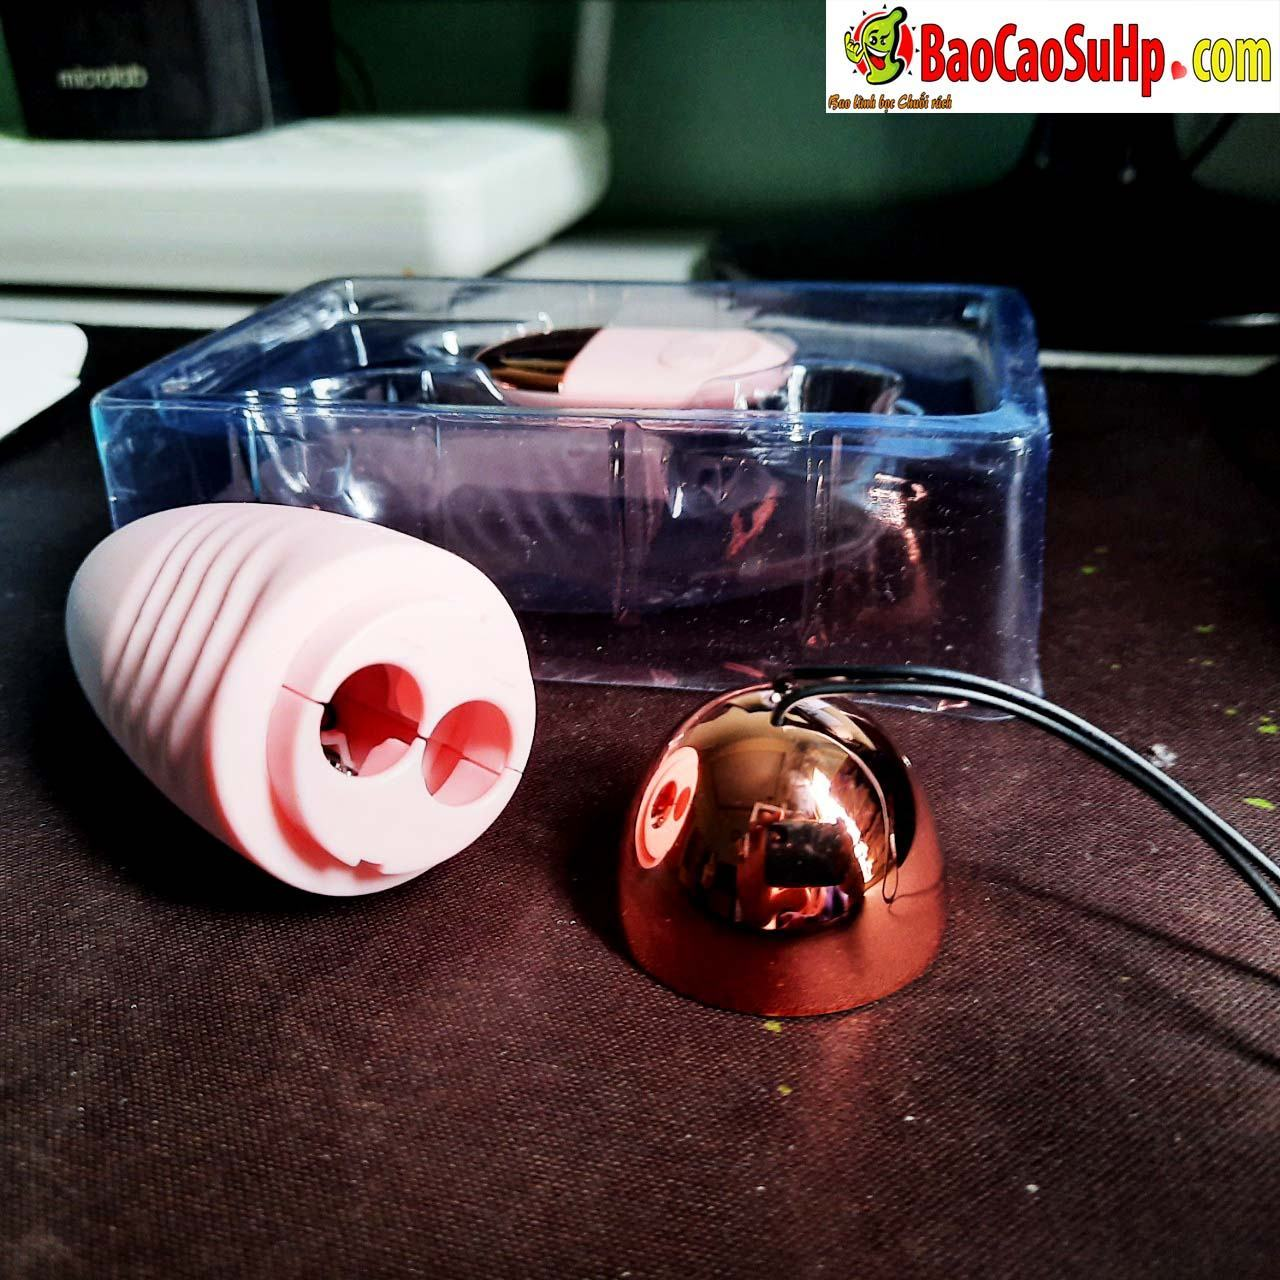 20200516104149 6835388 huong dan su dung trung rung tinh yeu khong day 4 - Hướng dẫn cách sử dụng trứng rung tình yêu đúng cách